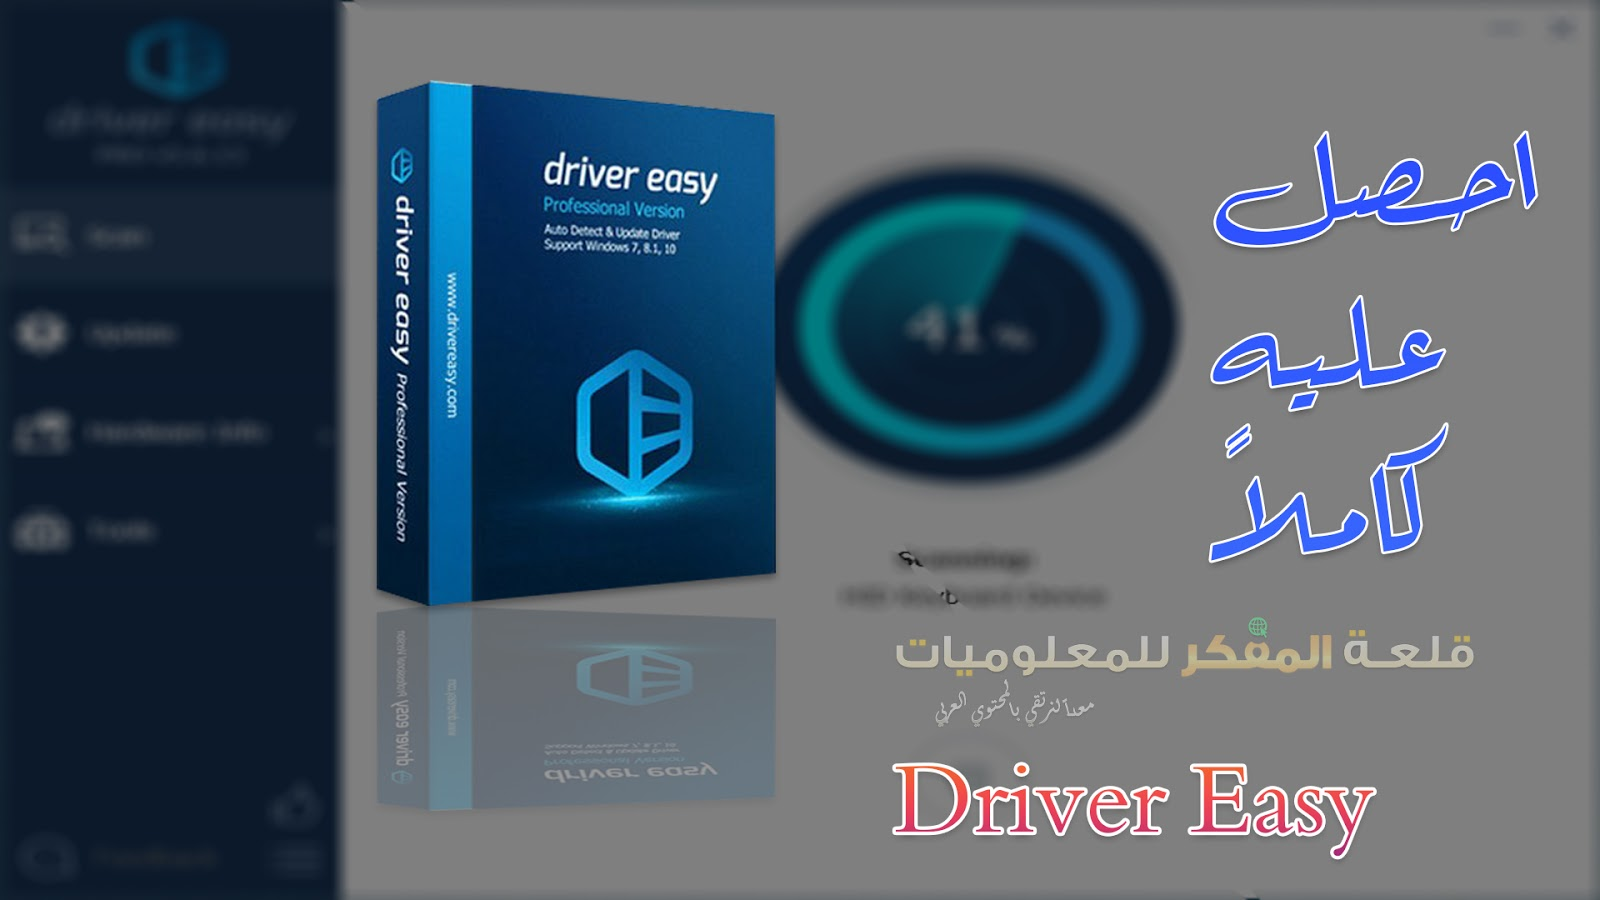 تحميل برنامج Driver Easy Pro كامل باخر اصدار عملاق تحديث تعريفات